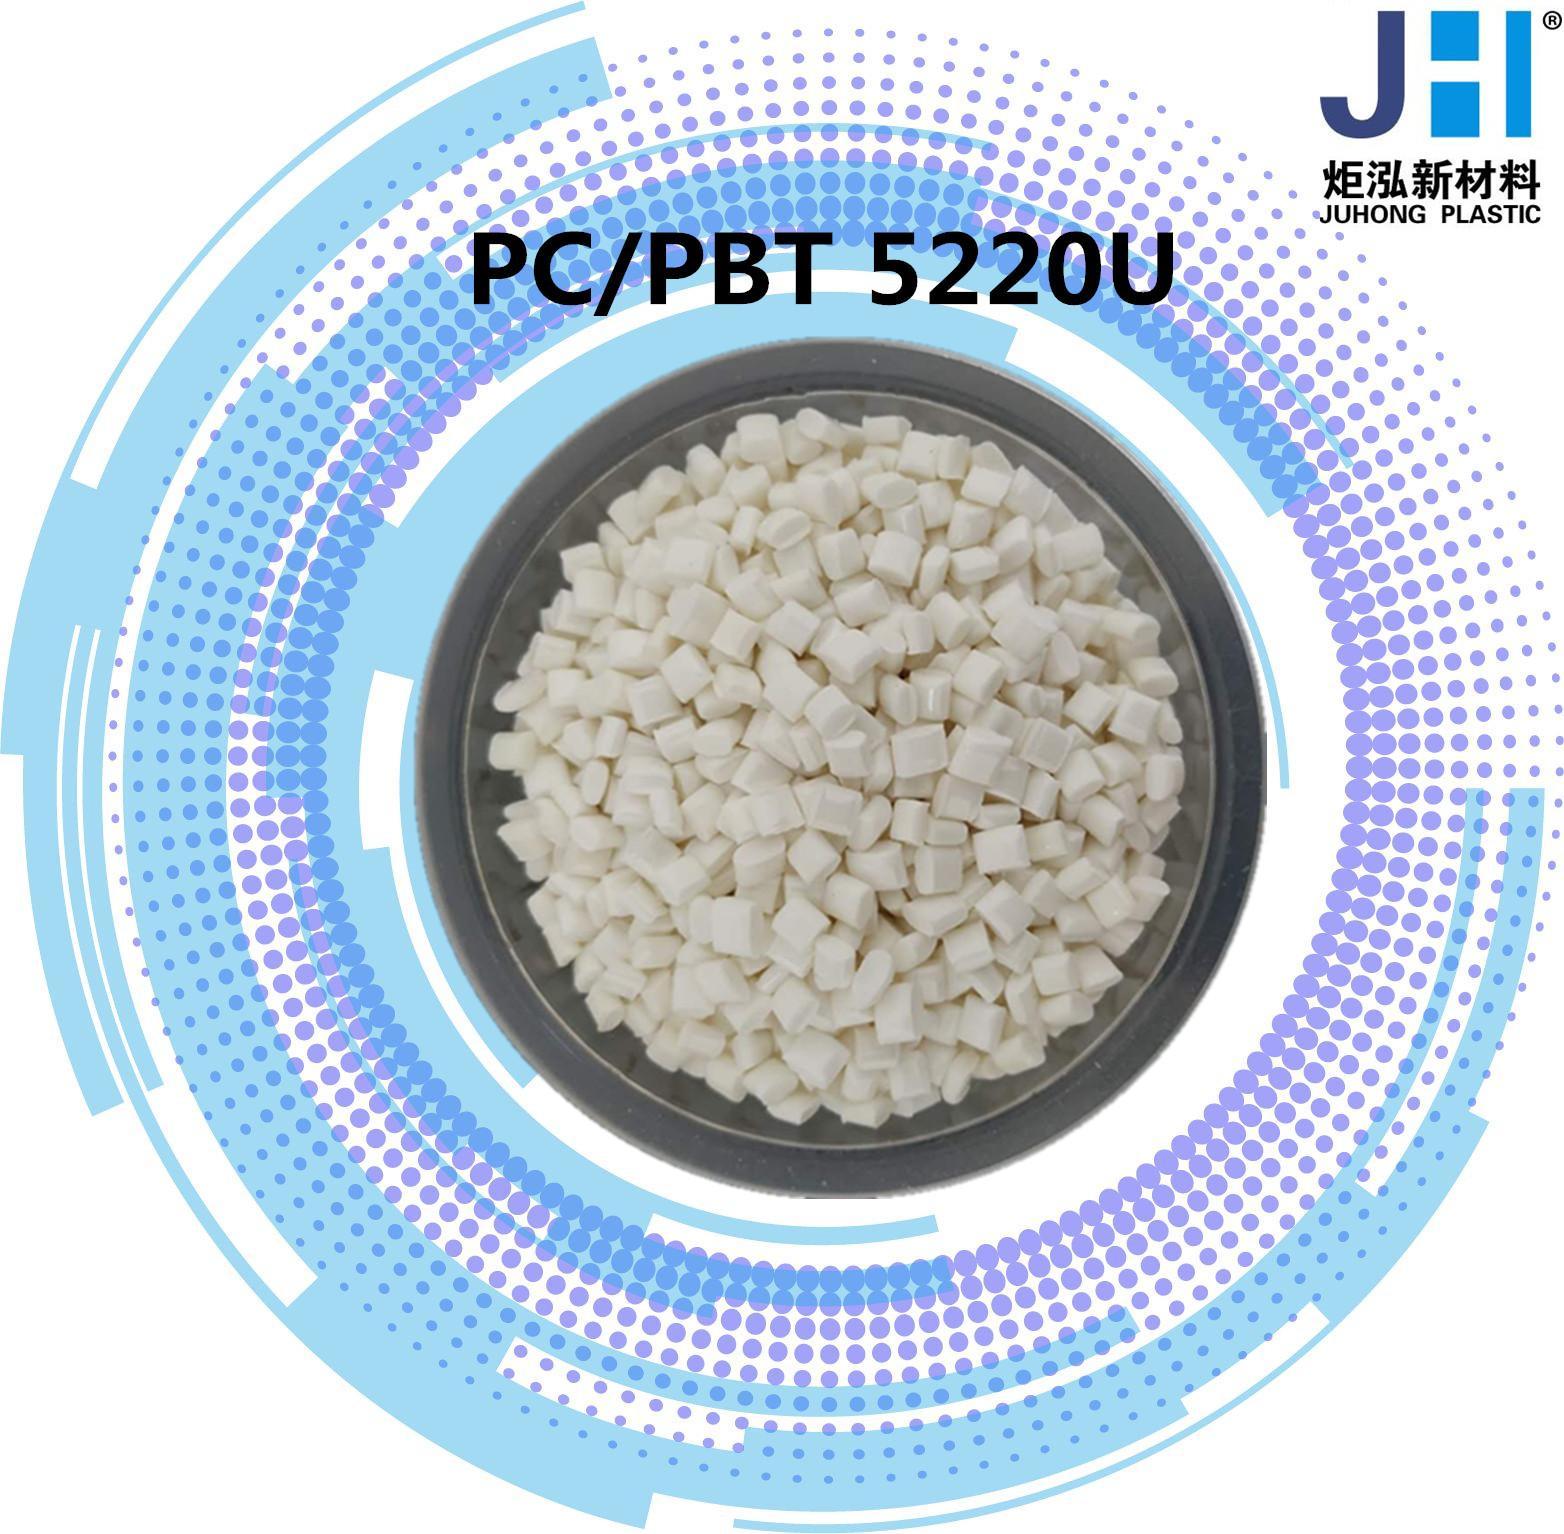 供应PC-PBT合金原料 5220U 耐寒 抗紫外线 耐低温冲击 电子应用领域材料 2